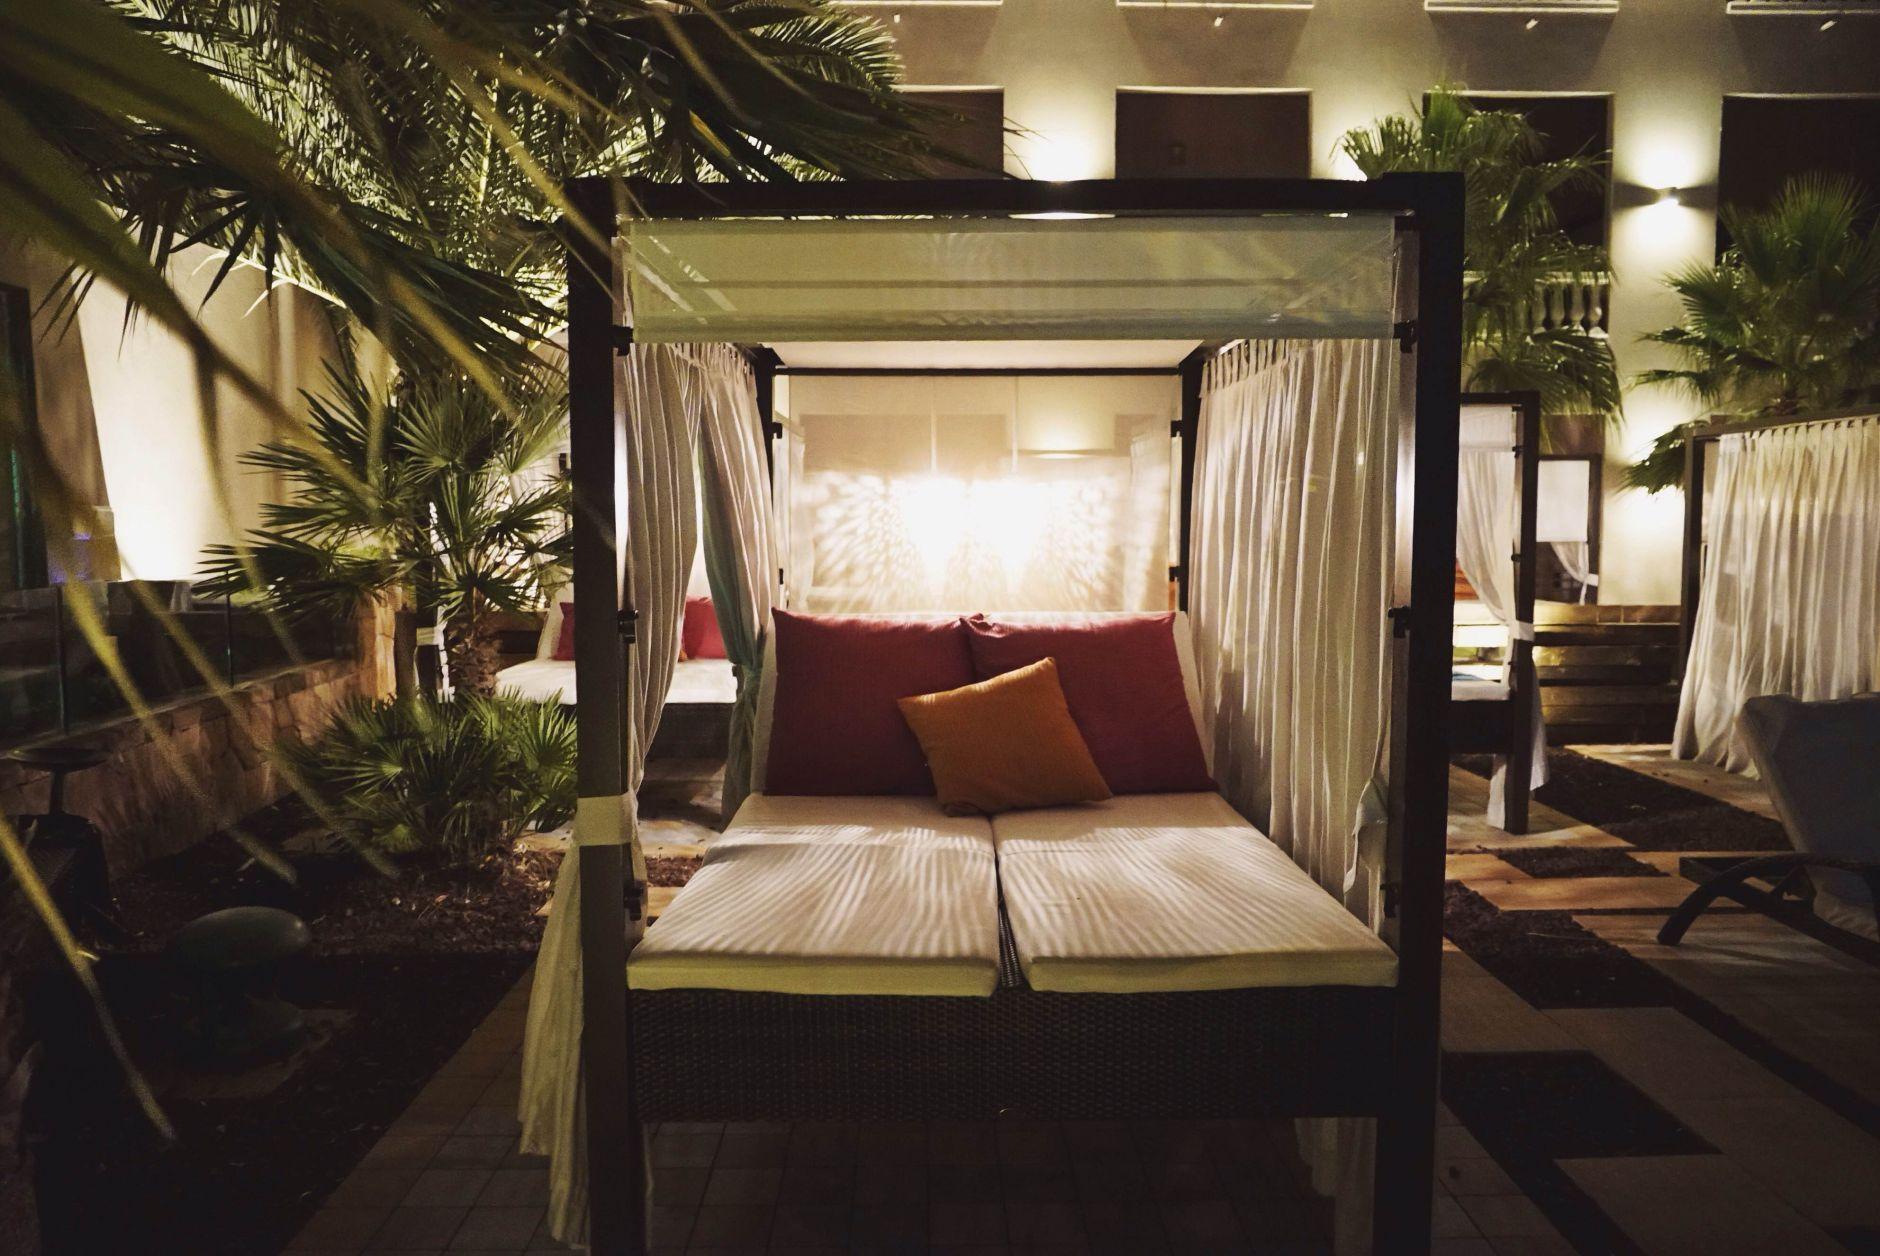 20-Tiara-Miramar-Beach-Hotel-Spa-Cote-dAzur-Disi-Couture-Edisa-Shahini-Cannes-France